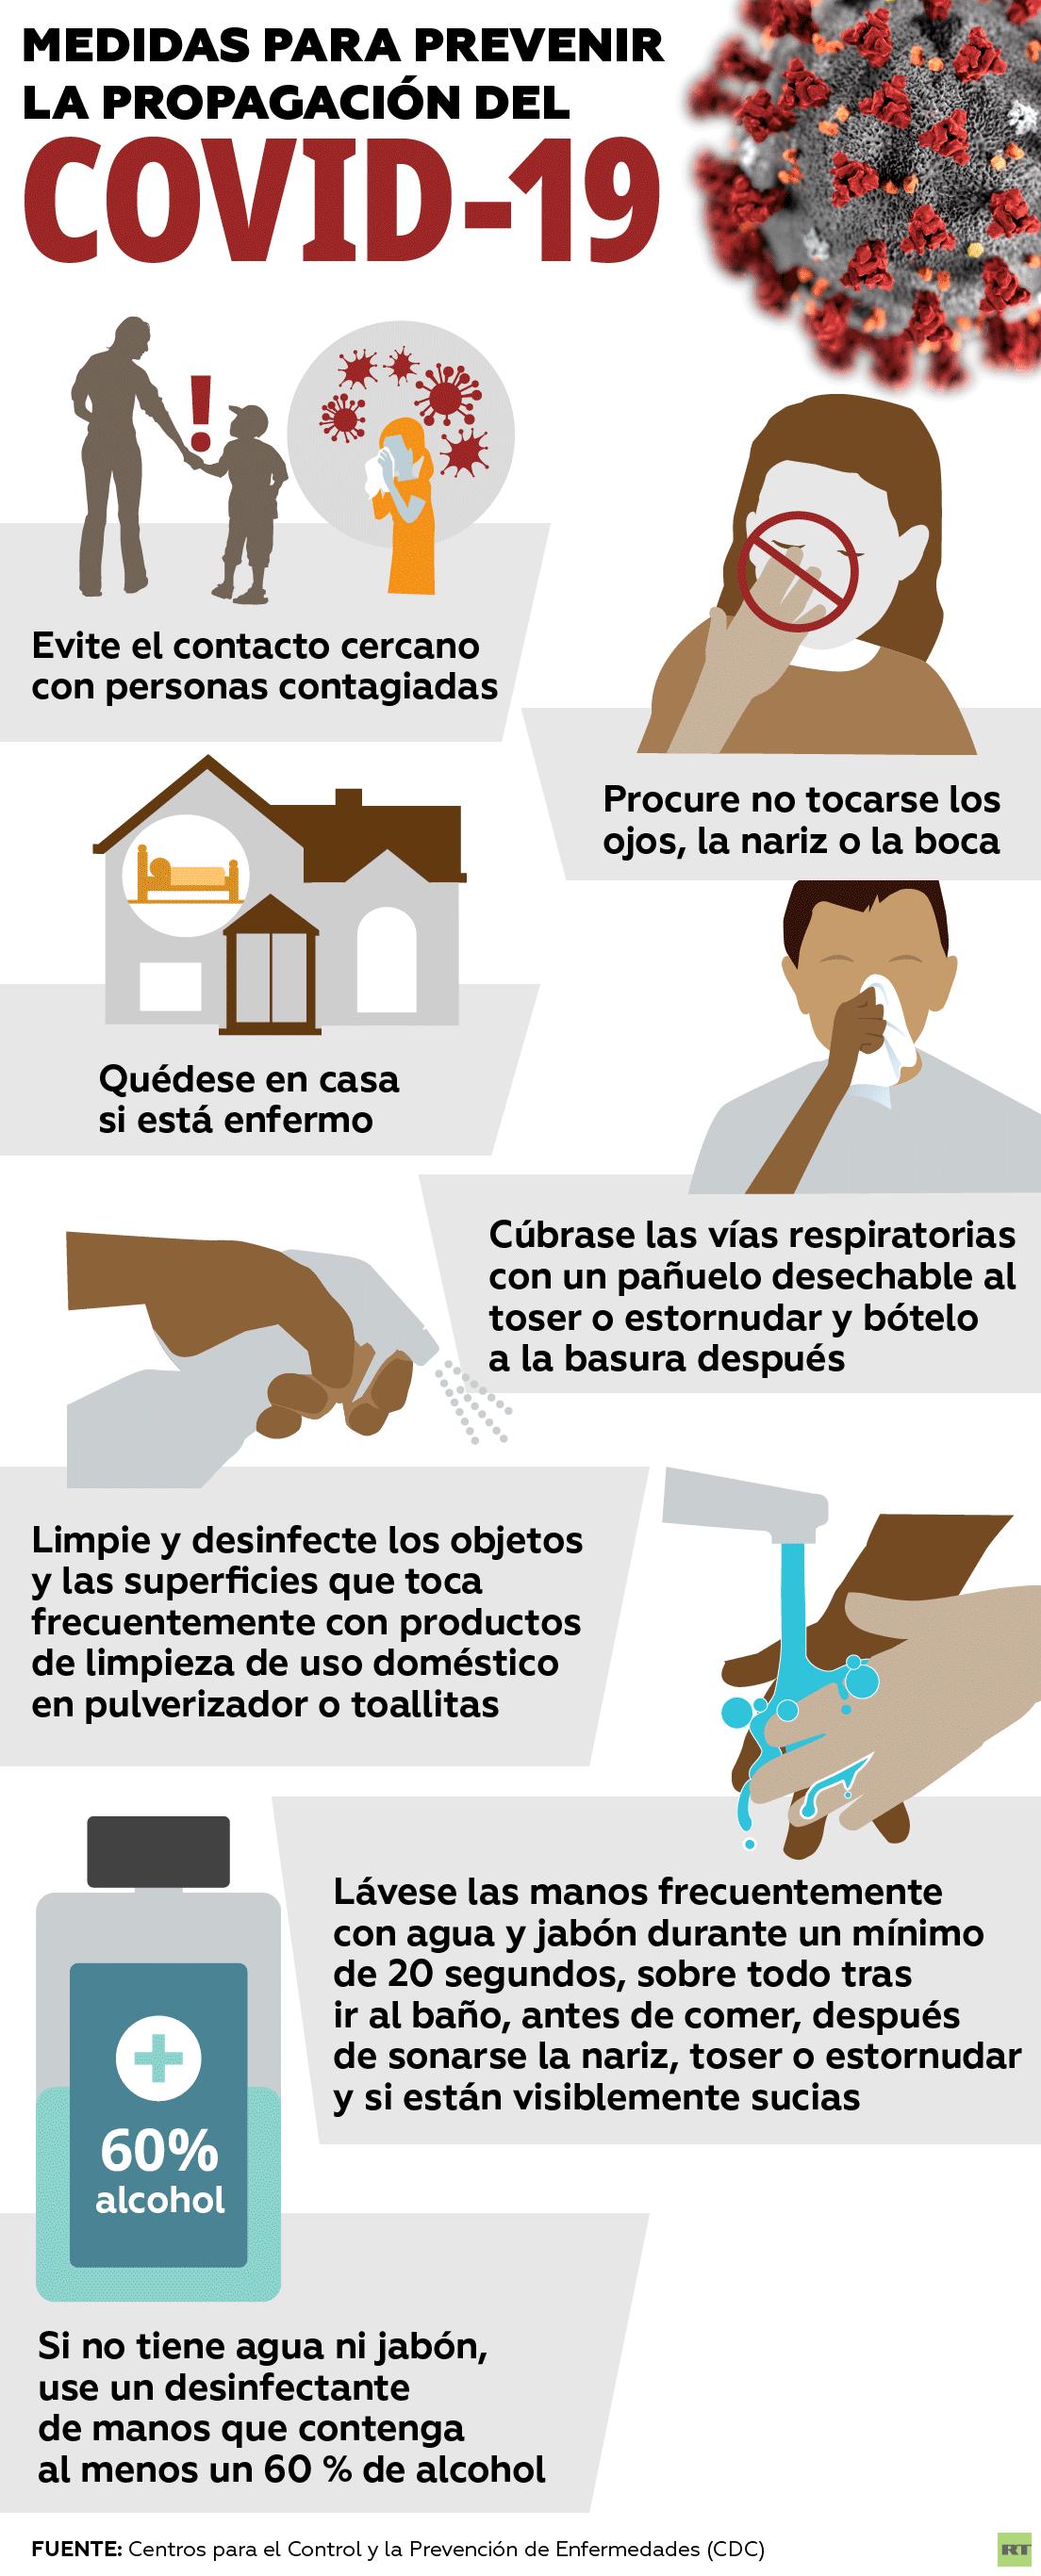 Cómo protegerse del nuevo coronavirus, que ha contagiado a miles de personas en el mundo 5e56c57de9ff7144f46a624e